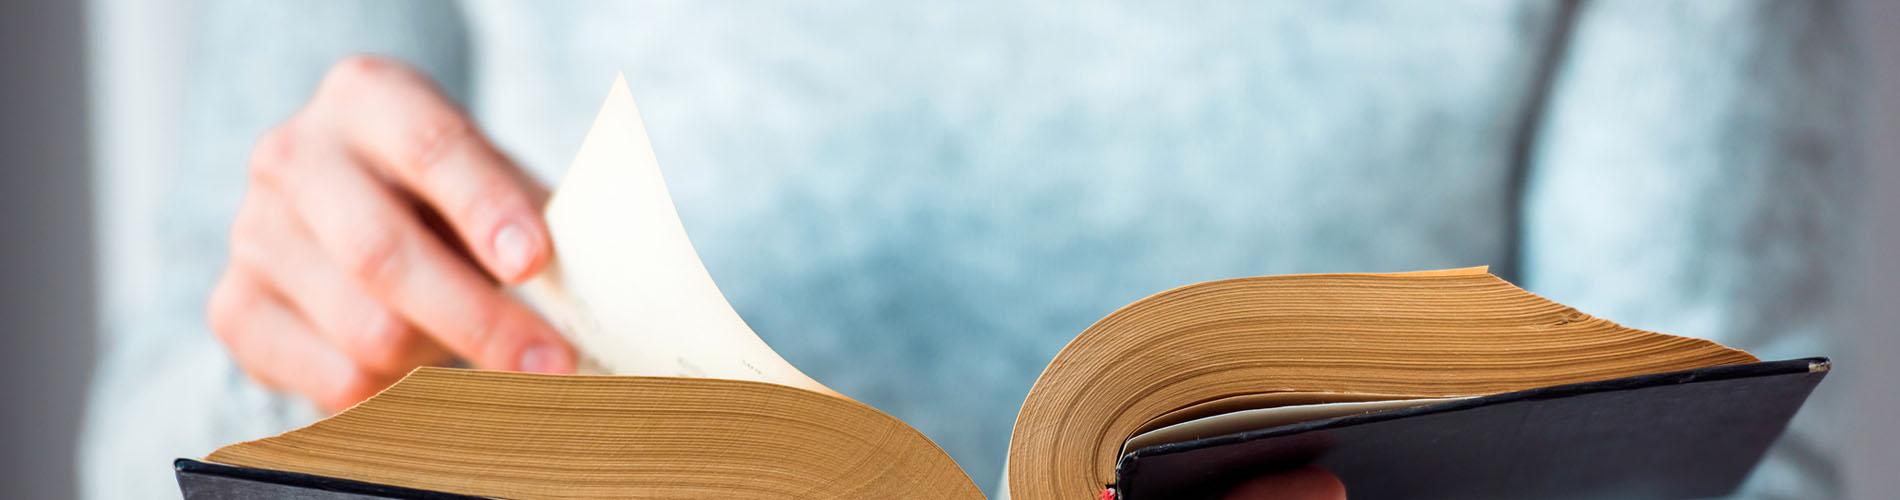 Manos ojeando libro